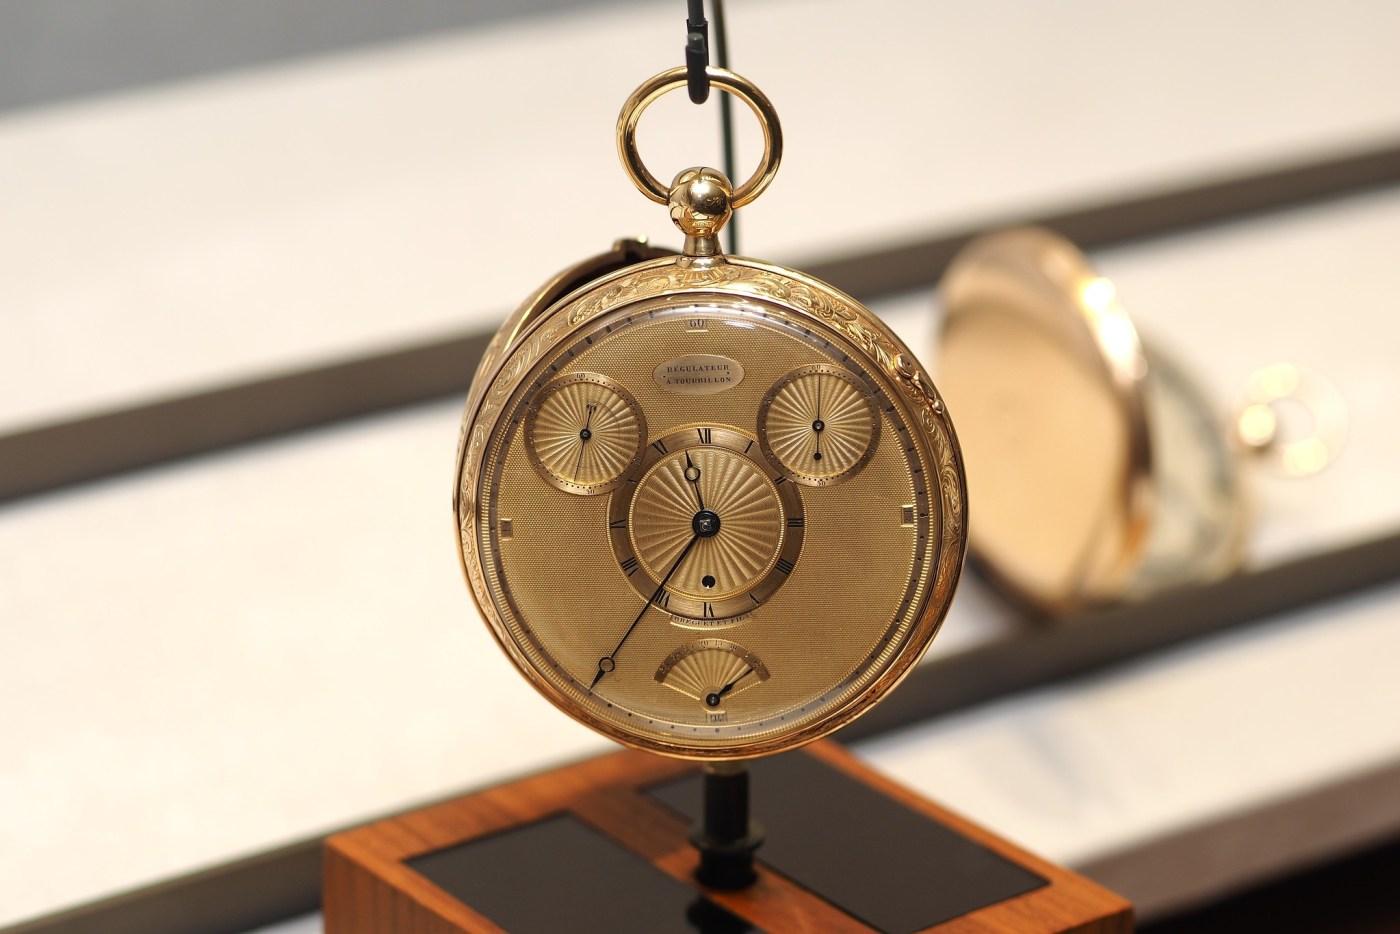 Breguet No. 1176 Montre garde-temps à tourbillon pocketwatch seen in the Breguet Museum of Paris